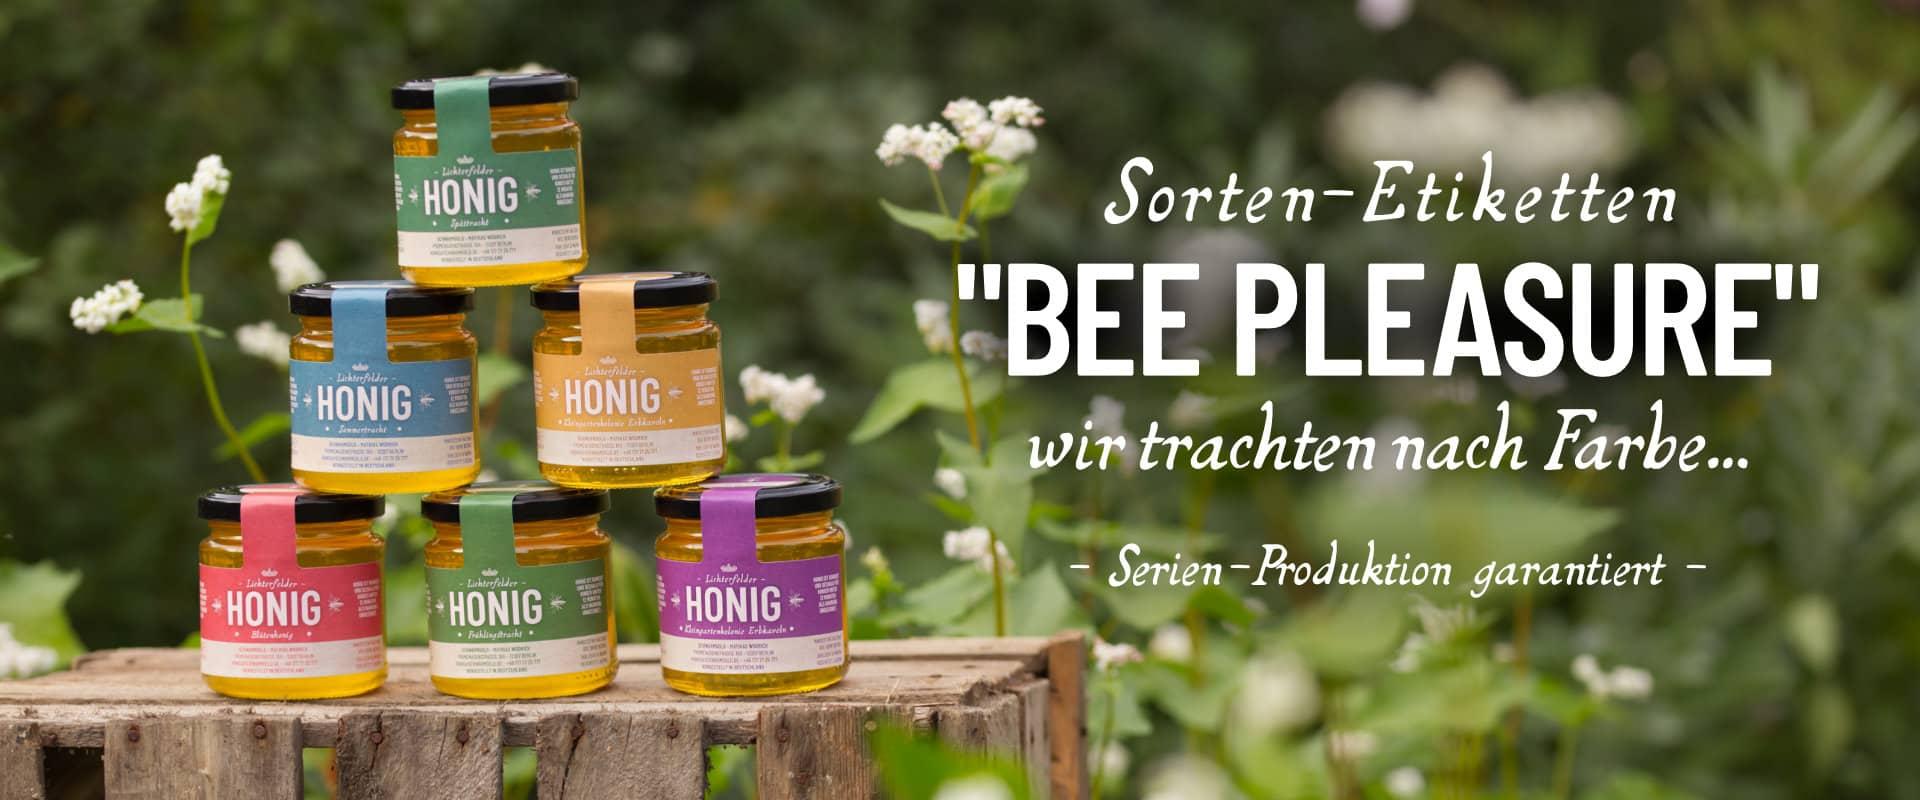 Honigetikett Beepleasure SCHWARMGOLD